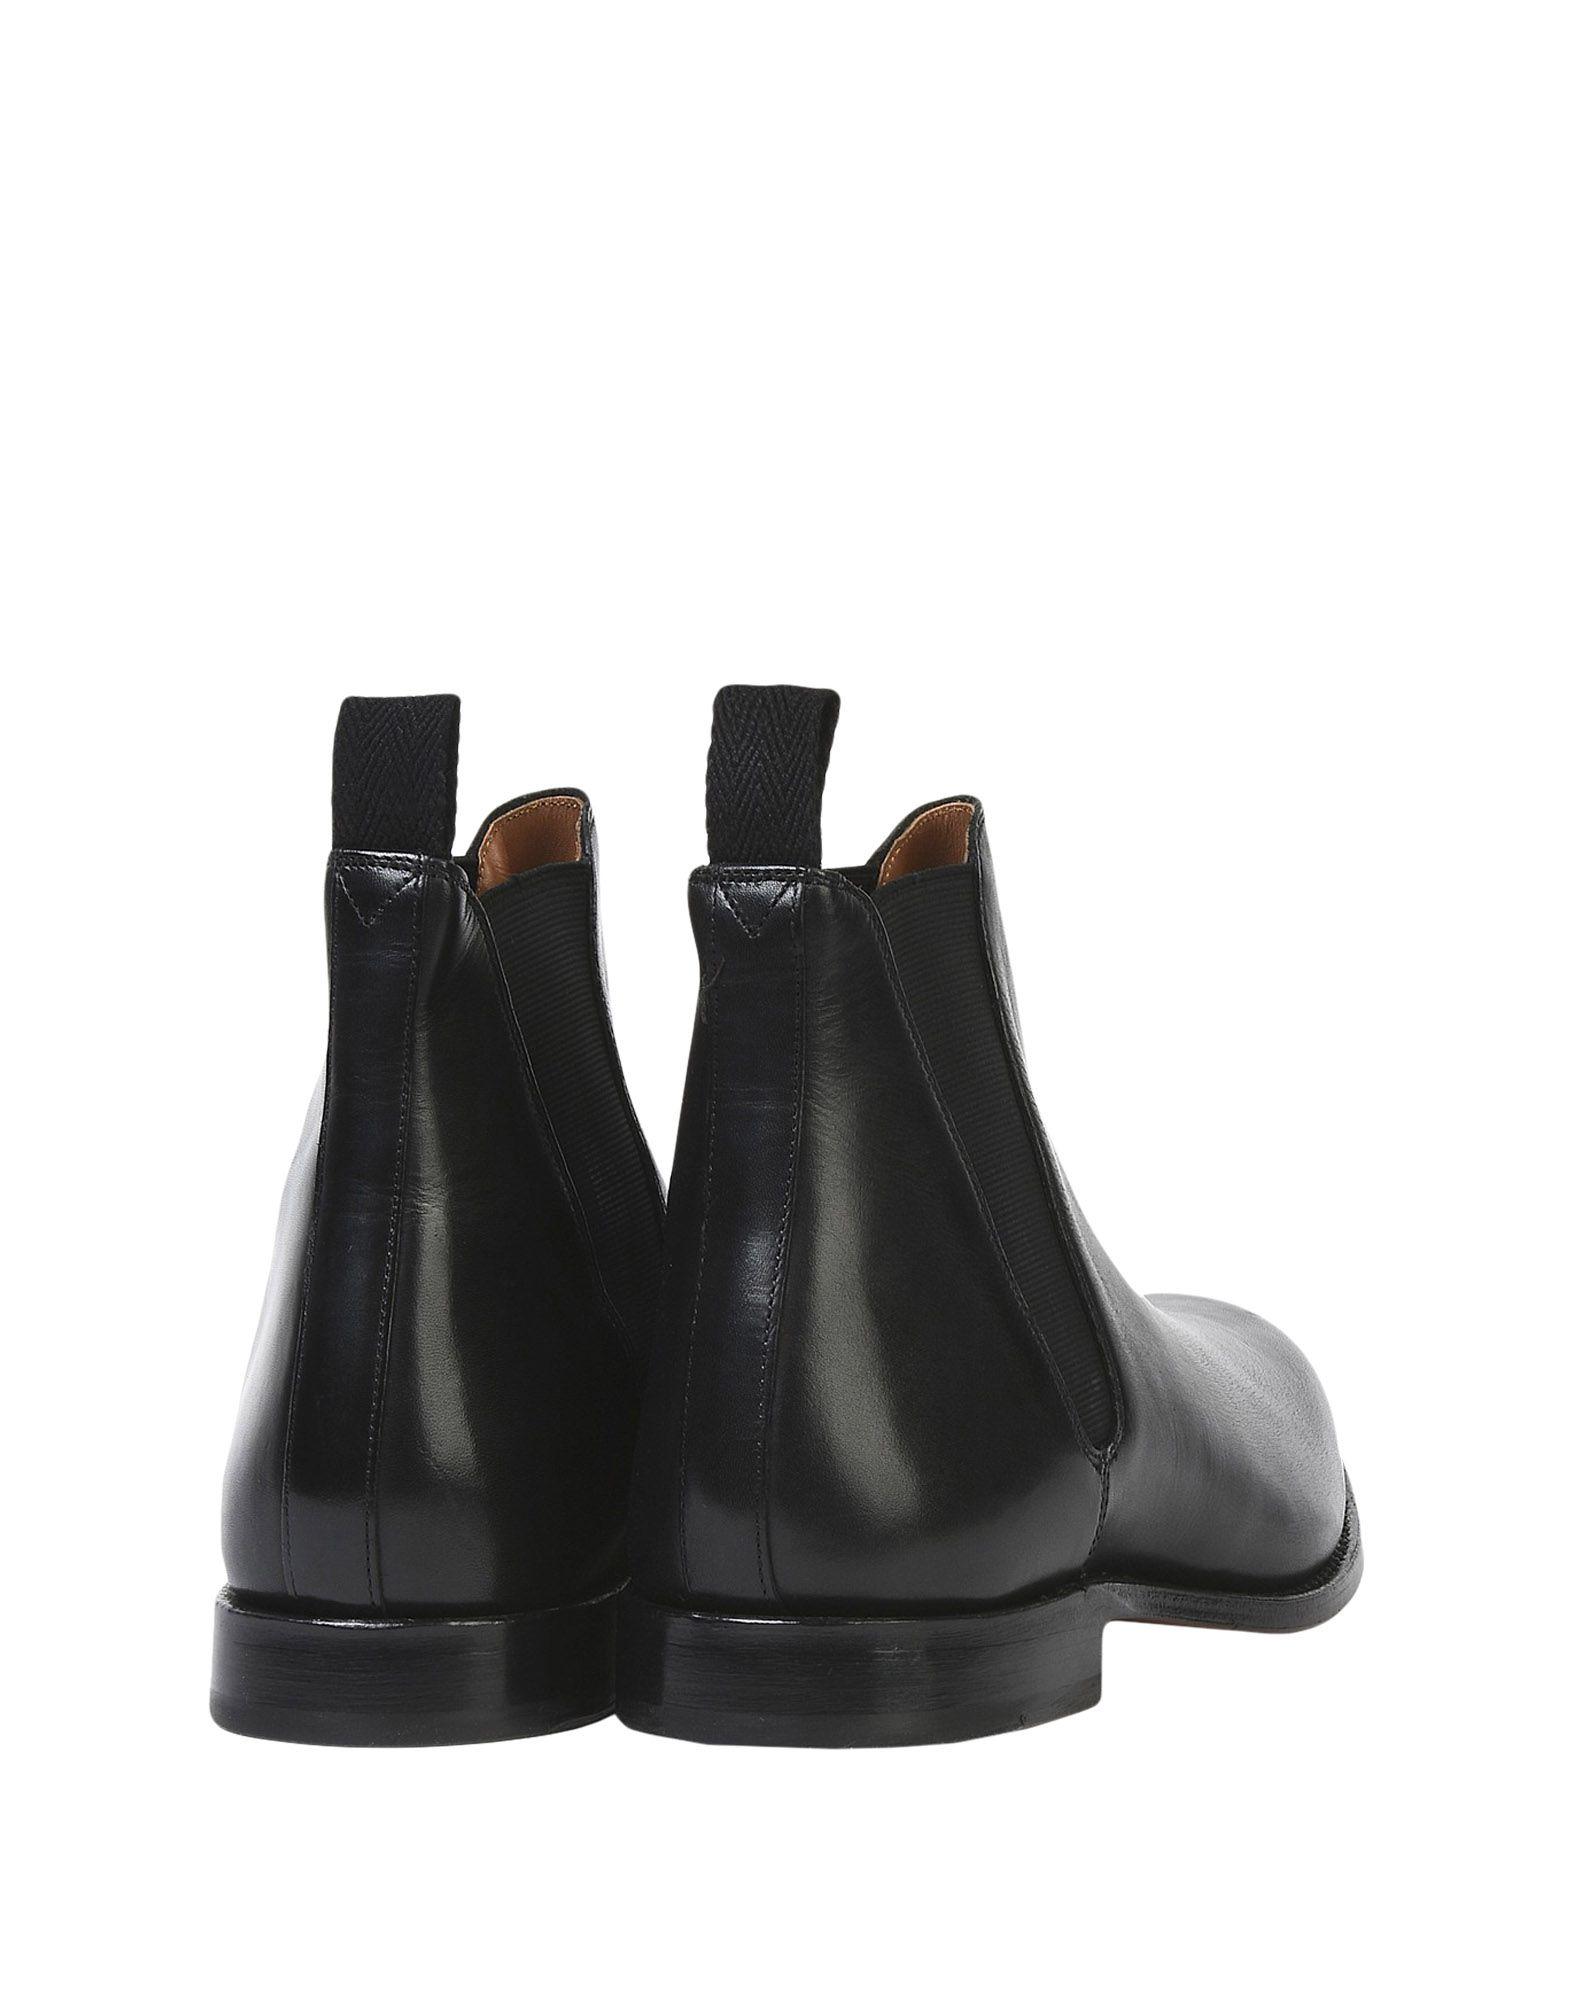 Grenson Stiefelette Herren  11178576KK Gute Qualität beliebte Schuhe